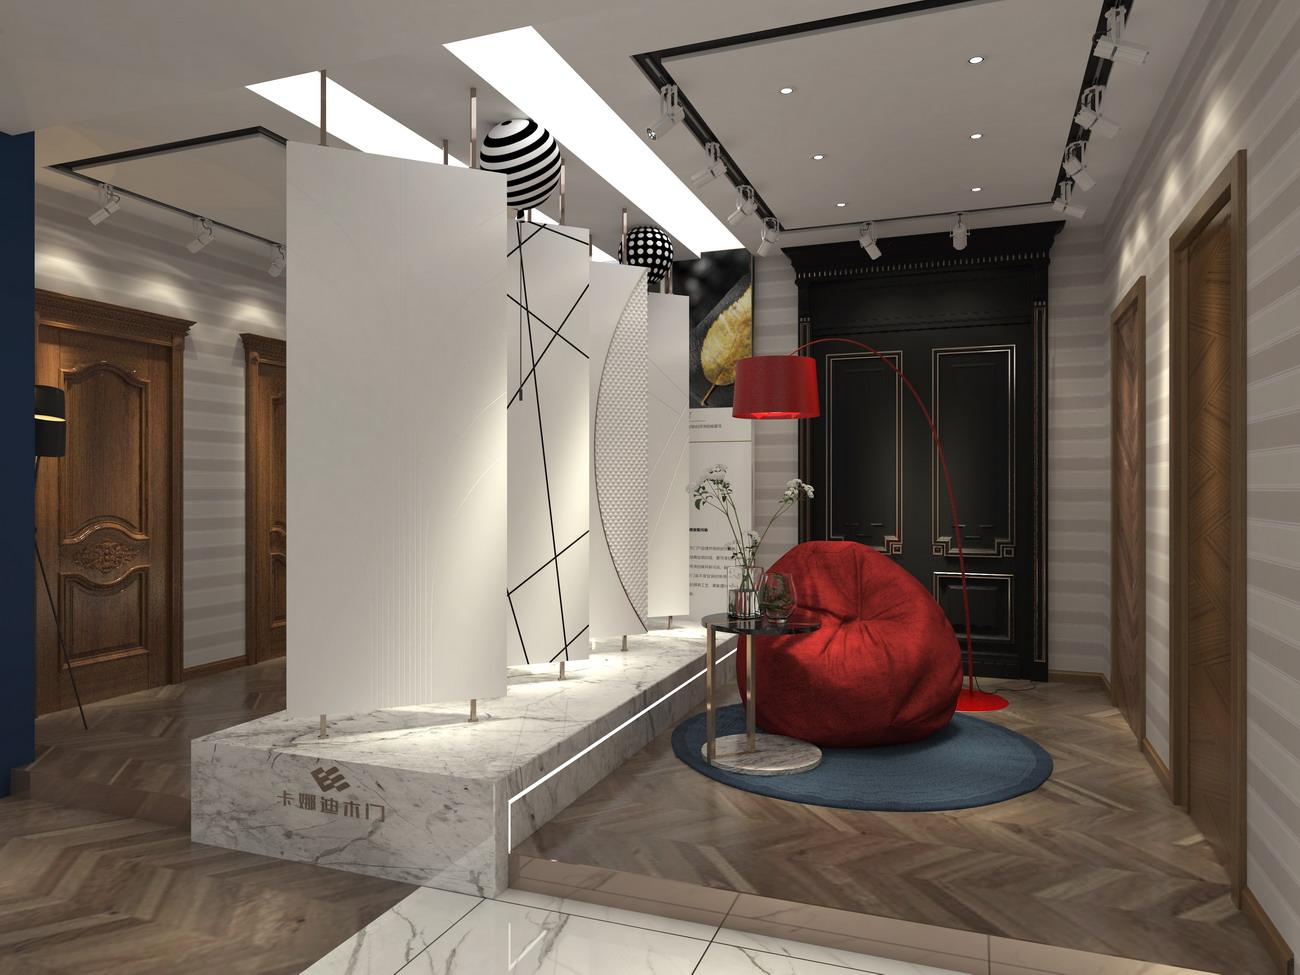 卡娜迪木门抓买点设计-高端木门店专卖店设计-木门促销活动方案-木门活动方案设计-木门店面设计-